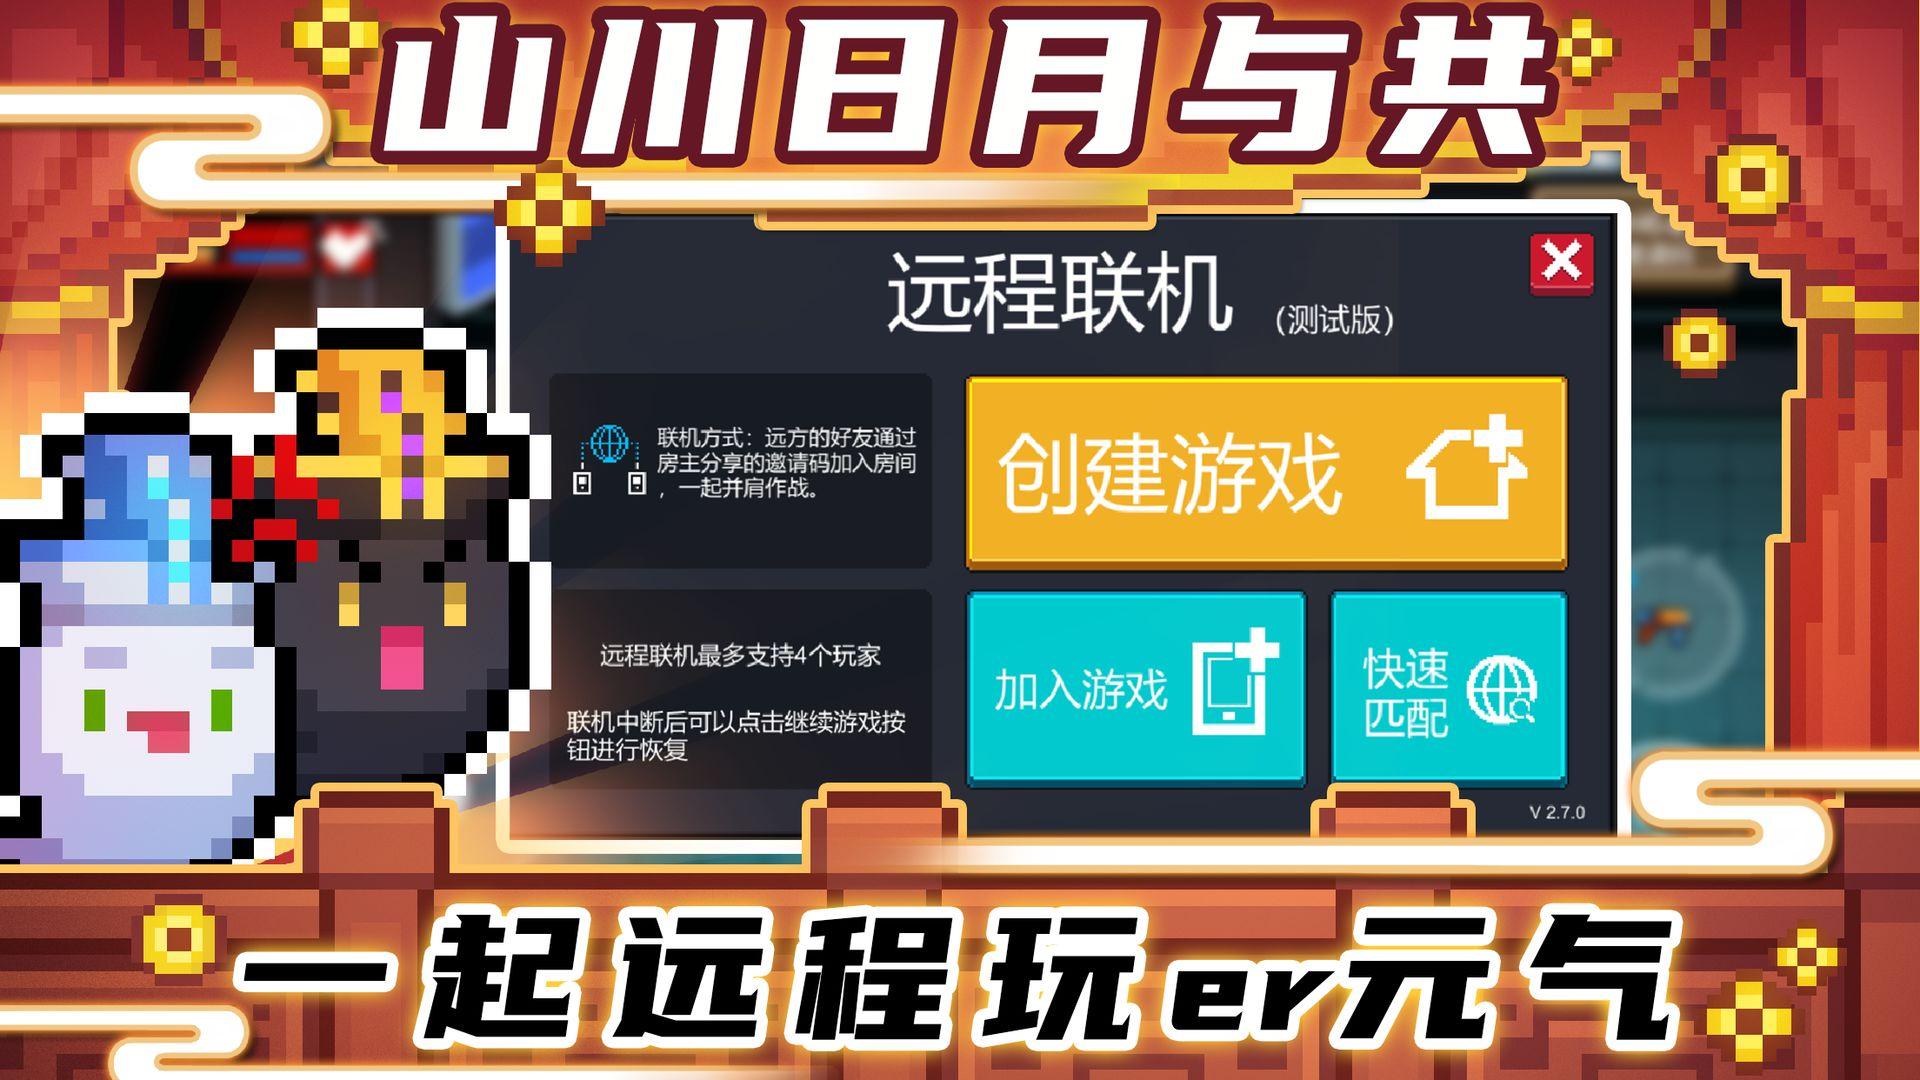 元气骑士破解版最新版无限蓝无限技能图3: